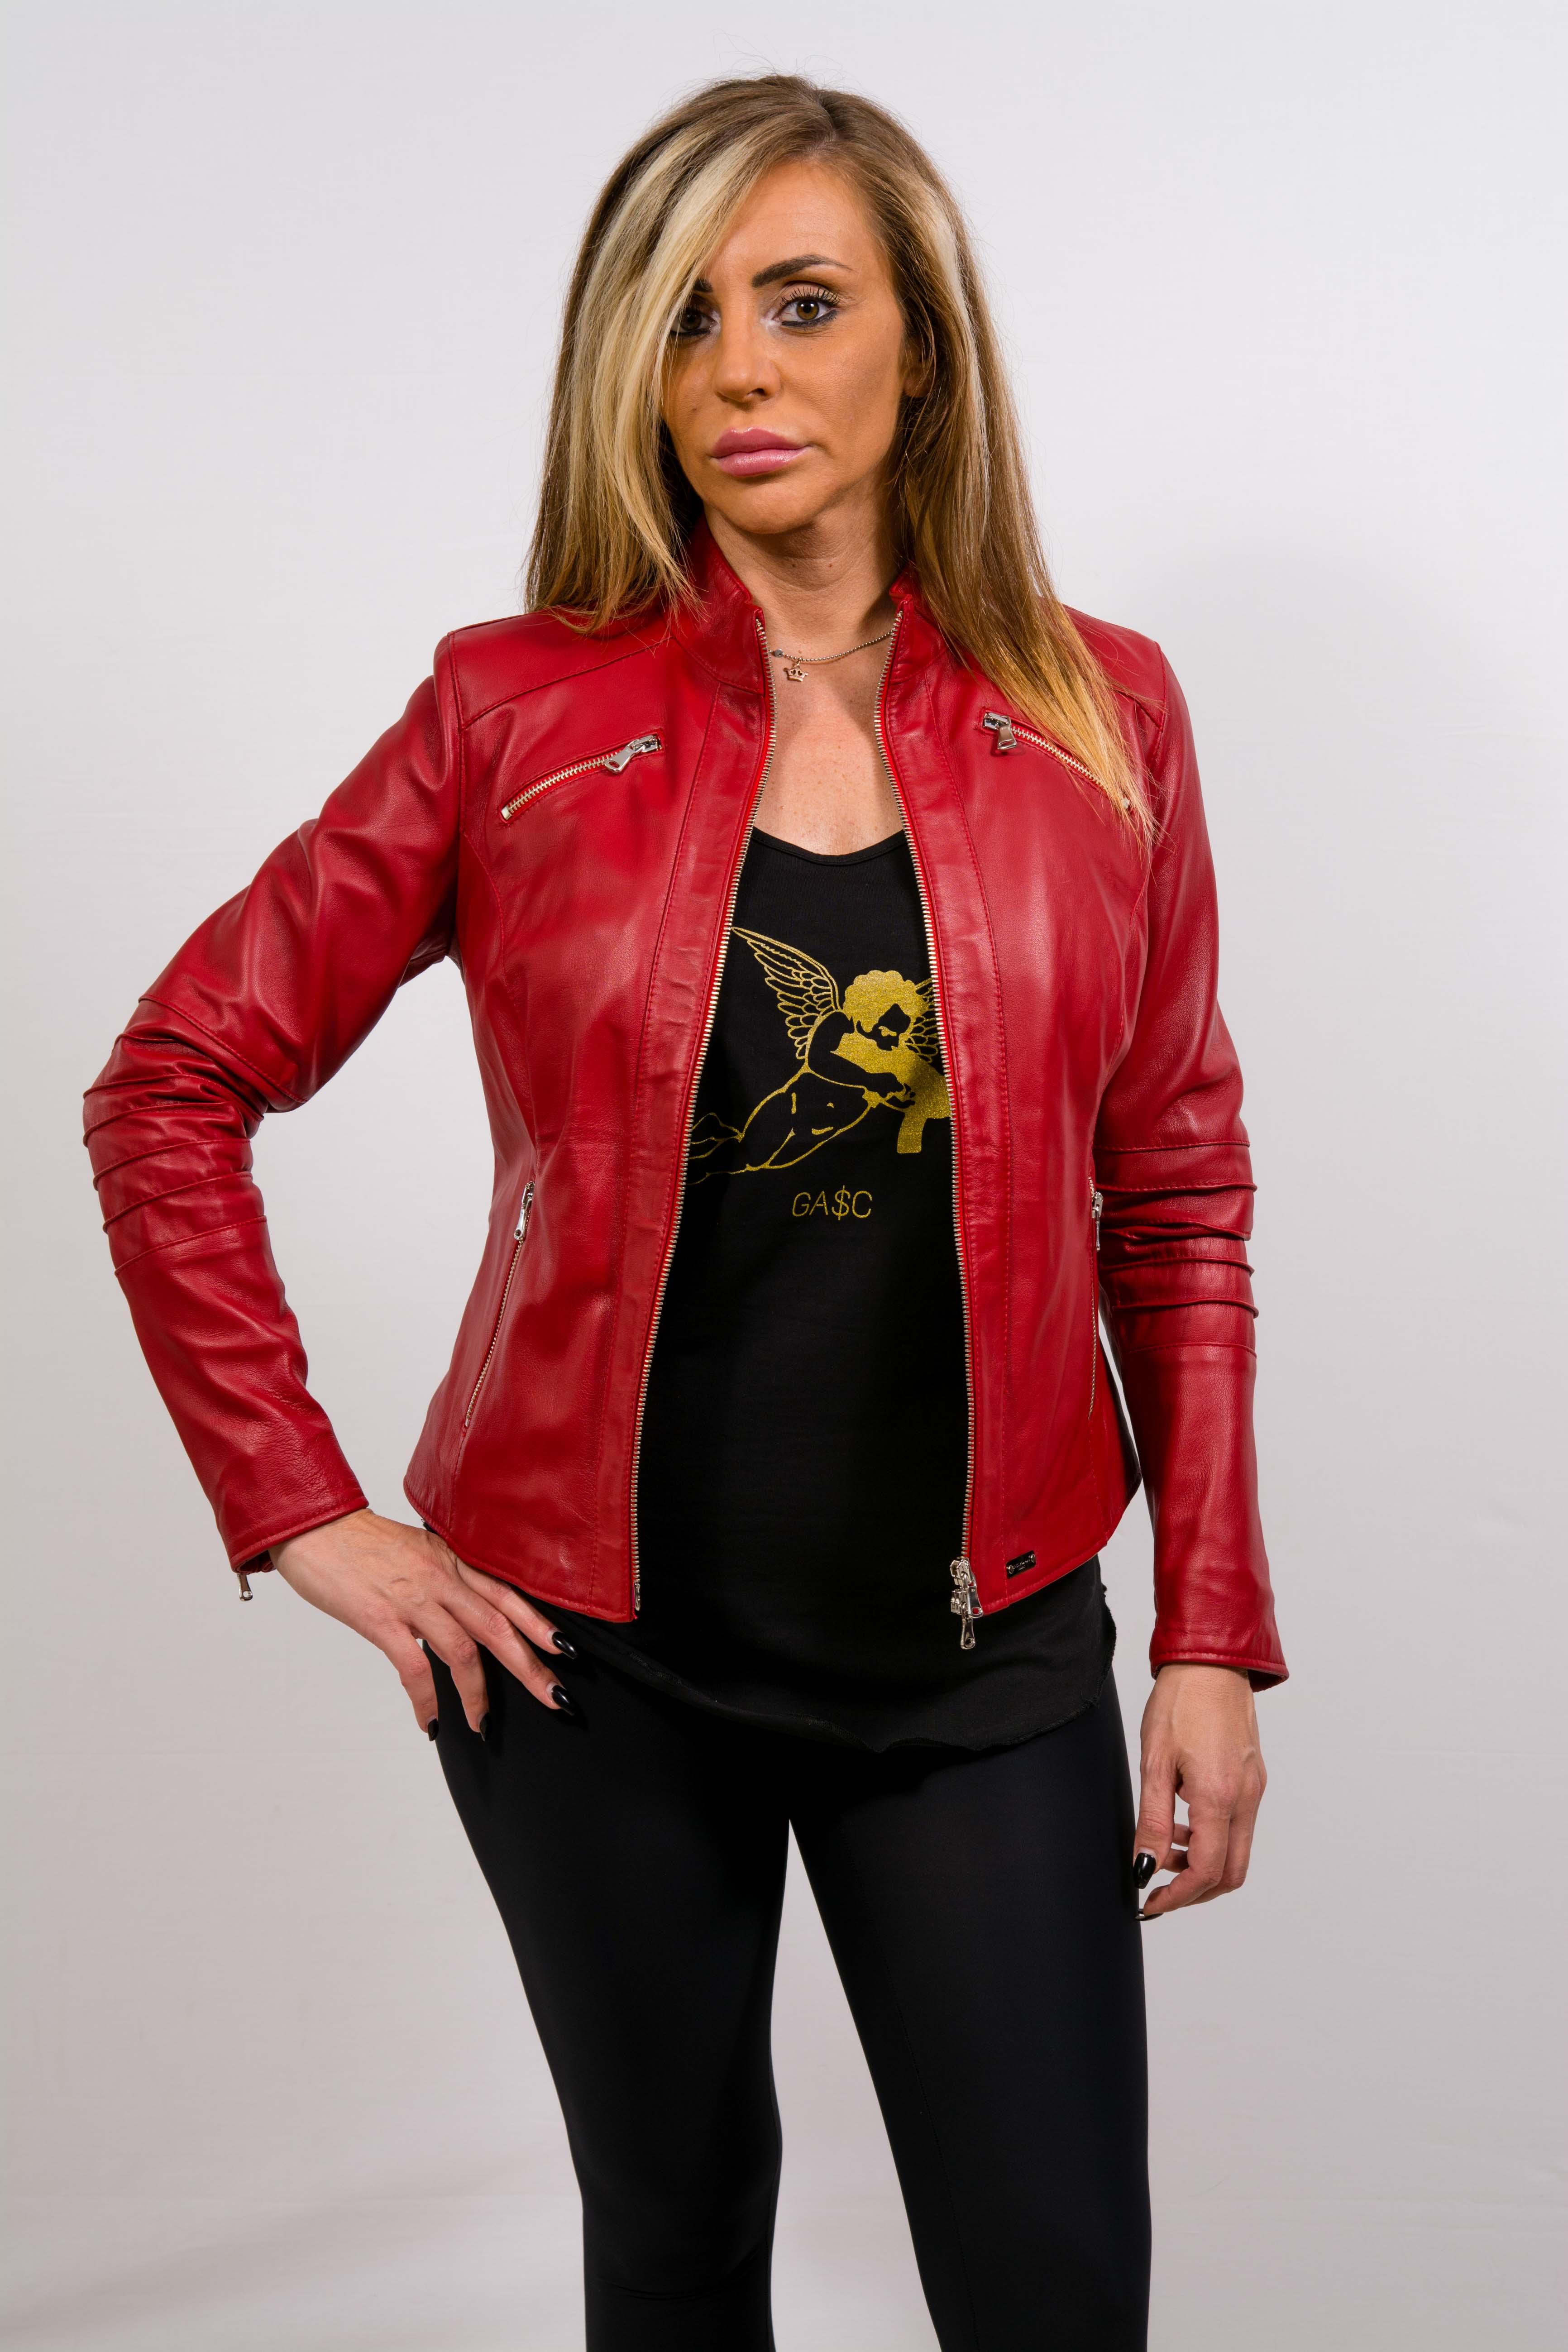 Pelle Rosso Donna Giubbino In Couture Gasc Yq5A8wA